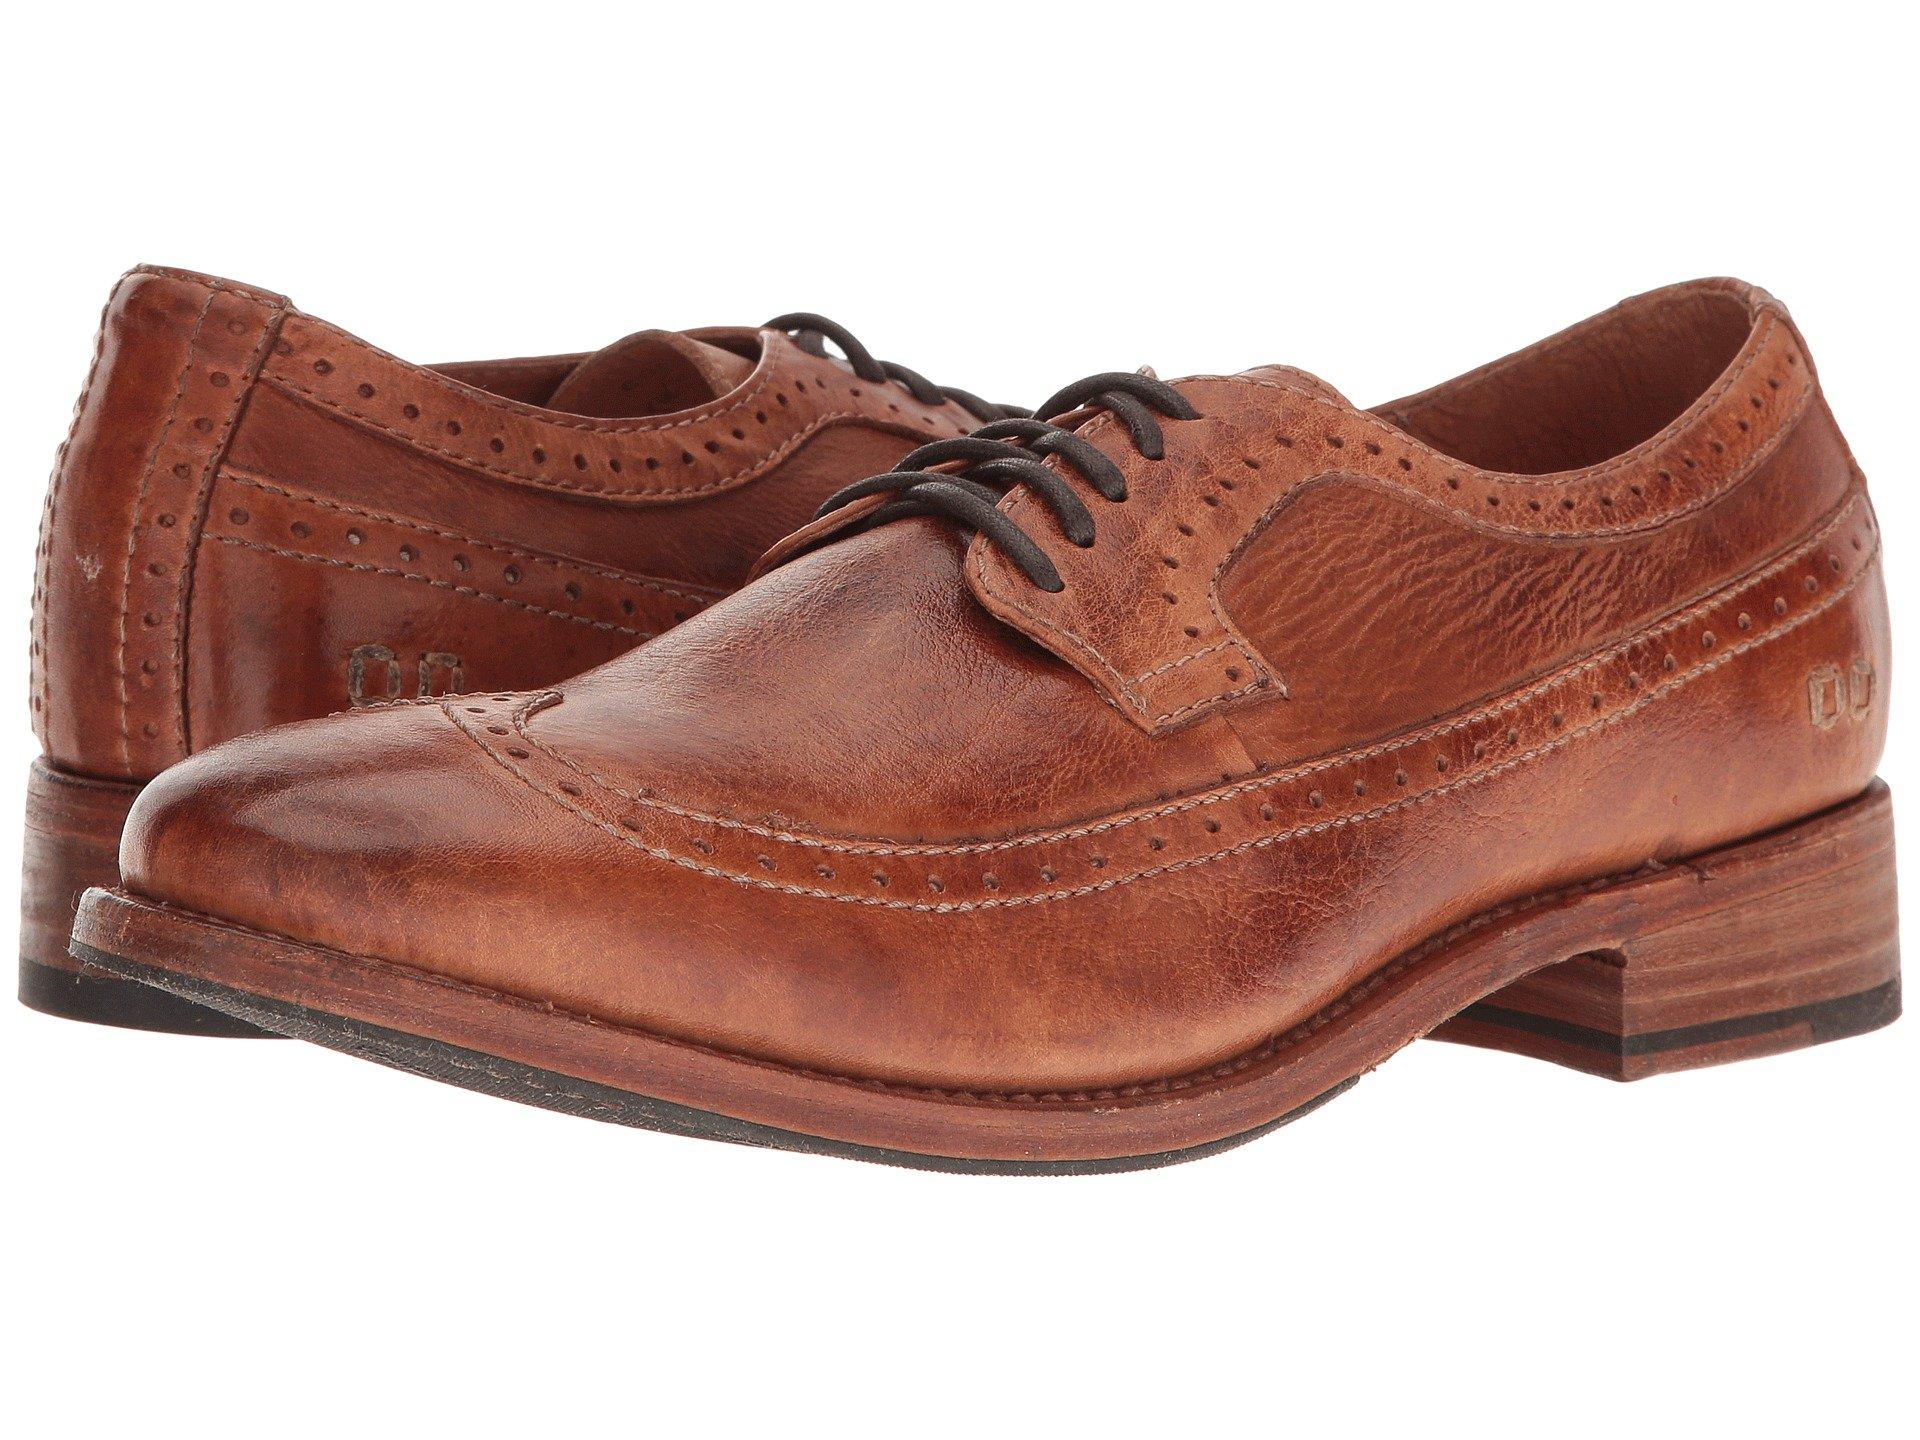 Bed Stu Shoes Men